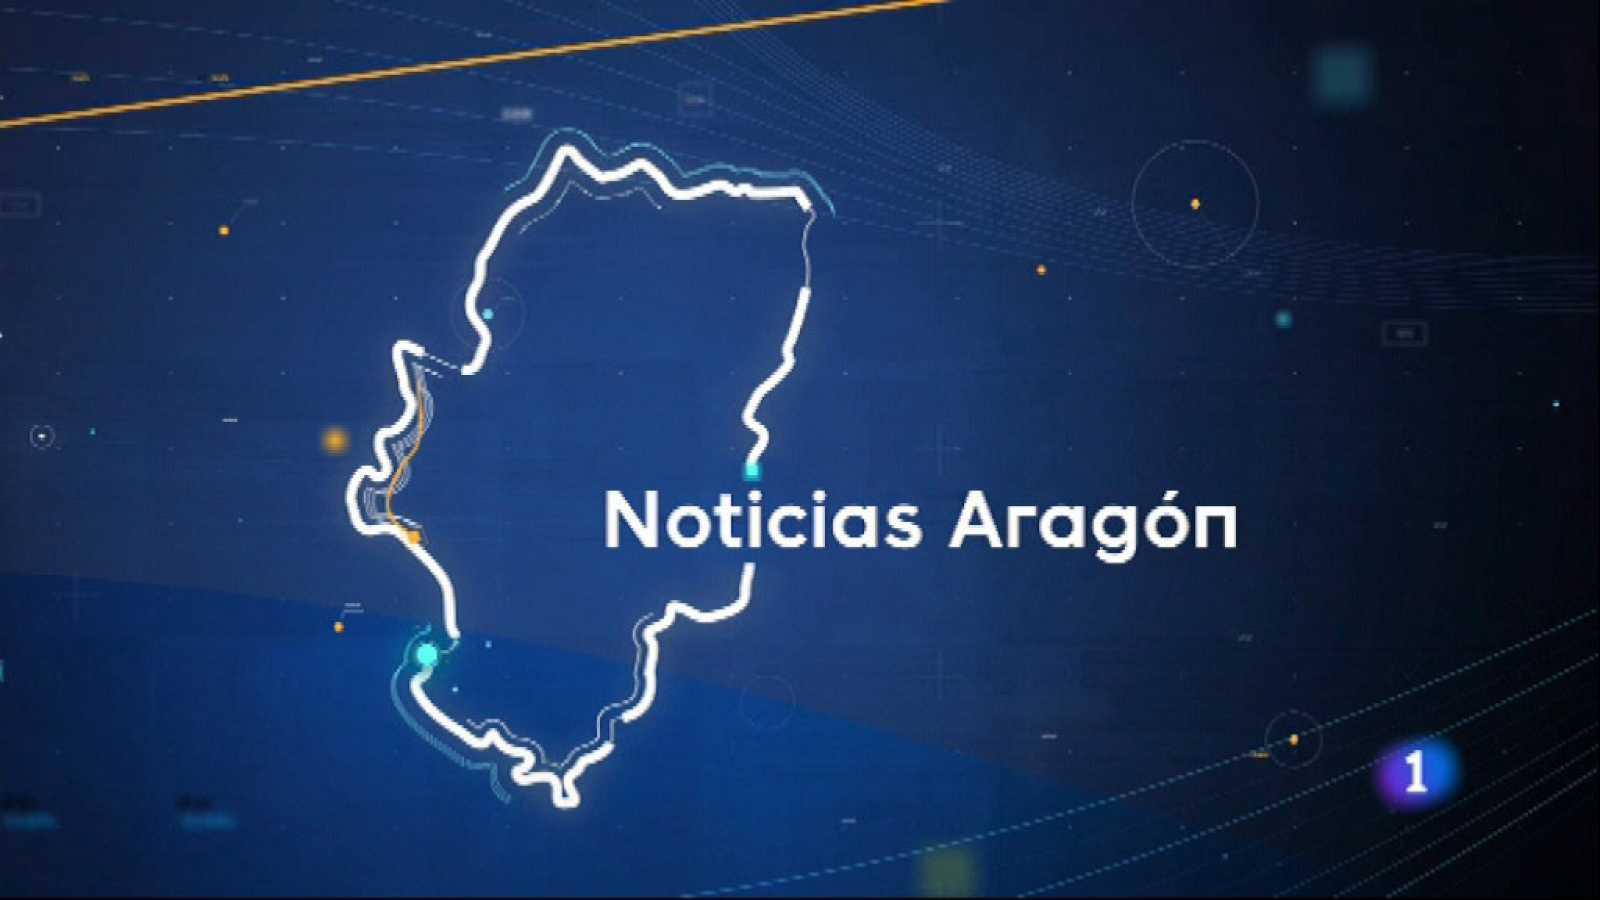 Aragón en 2 - 14/04/21 - Ver ahora